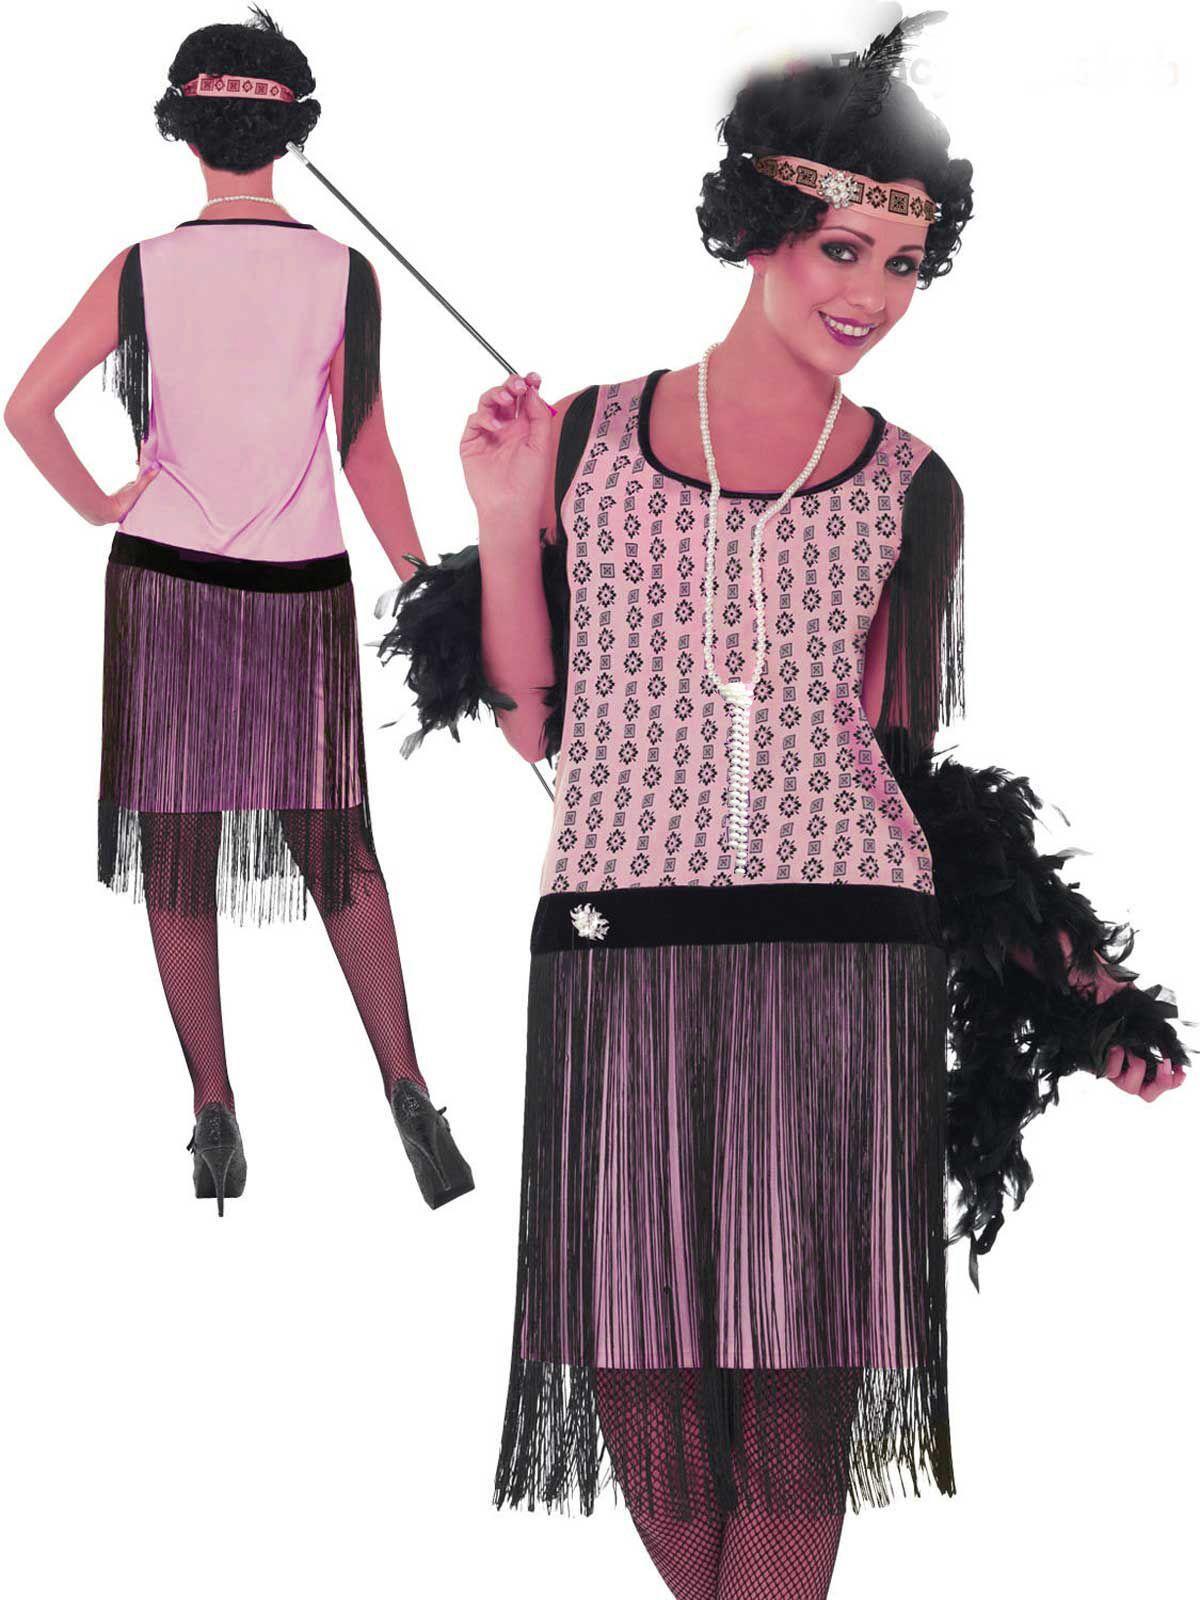 1920 s Pink Gatsby Nouveau Black Fringe Charleston Flapper Dress Af Dr 4040 a80395dca9fde